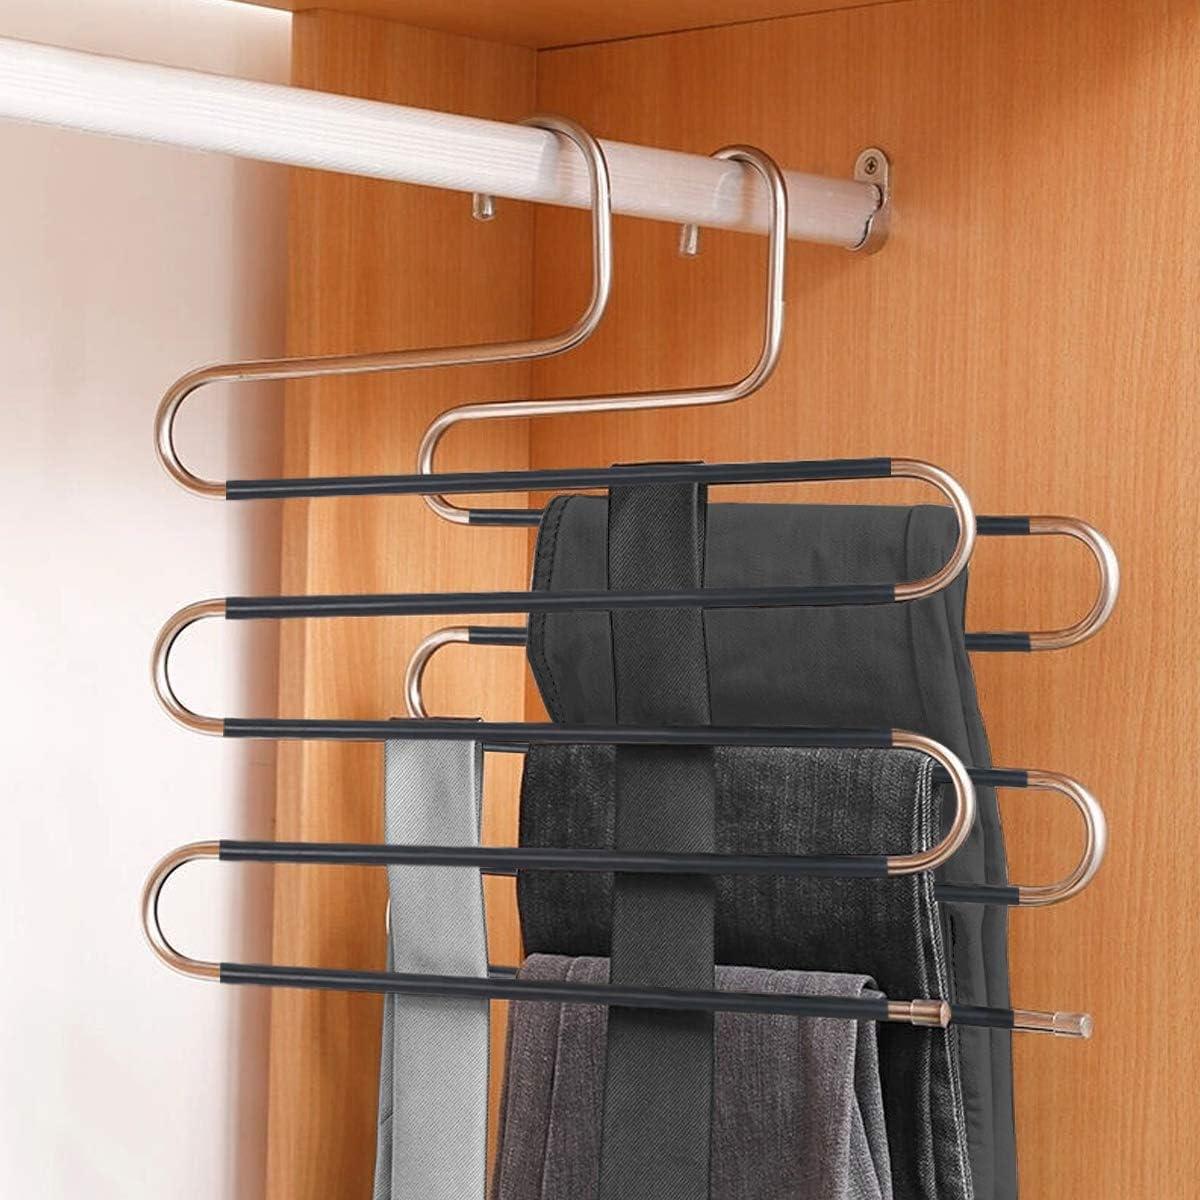 2packs S Tipo Pantalones de la suspensi/ón Estante Multi-Funcional Colgante Rack de la Ropa Almac/én de Varios Pisos Almacenaje Ideas de la Manera XIAO MO GU